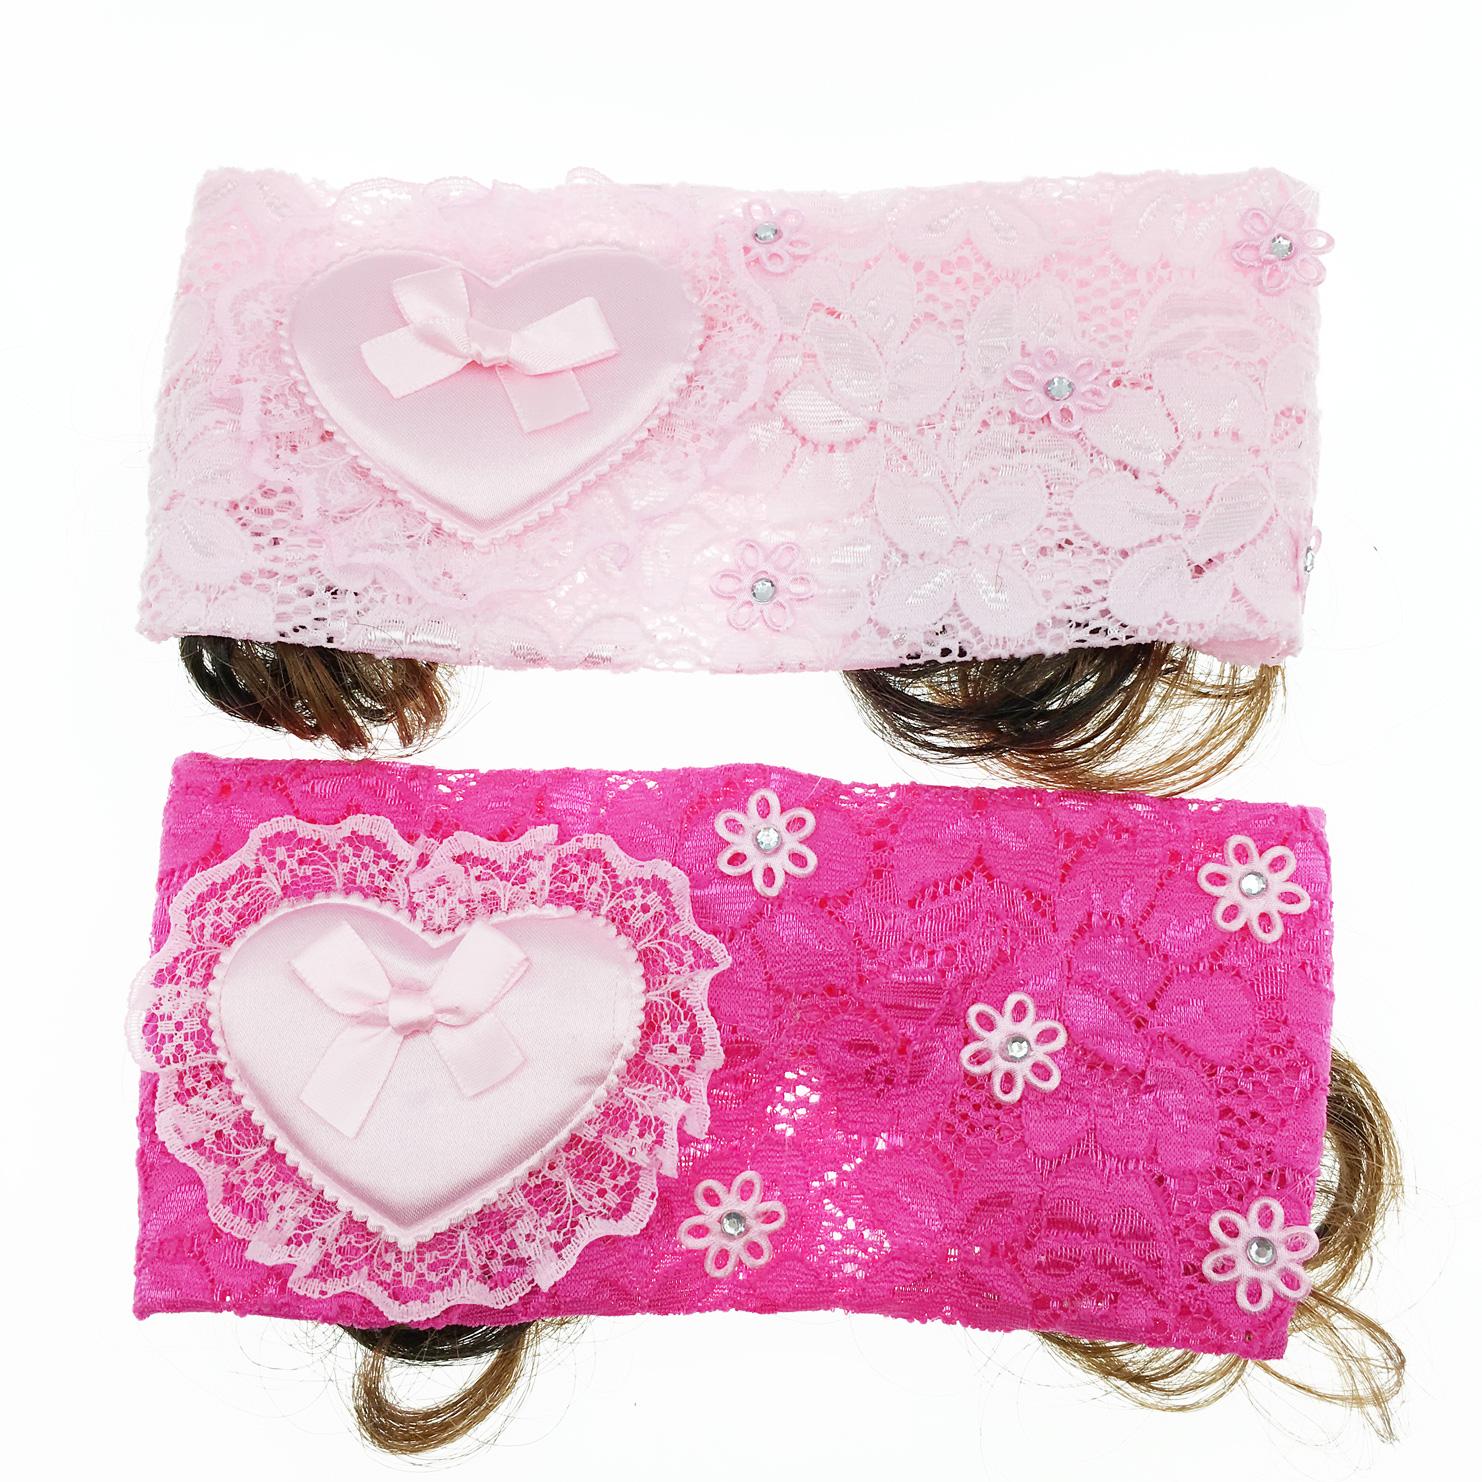 韓國 假髮 愛心 蝴蝶結 蕾絲 水鑽 2色 兒童髮飾 幼童髮帶